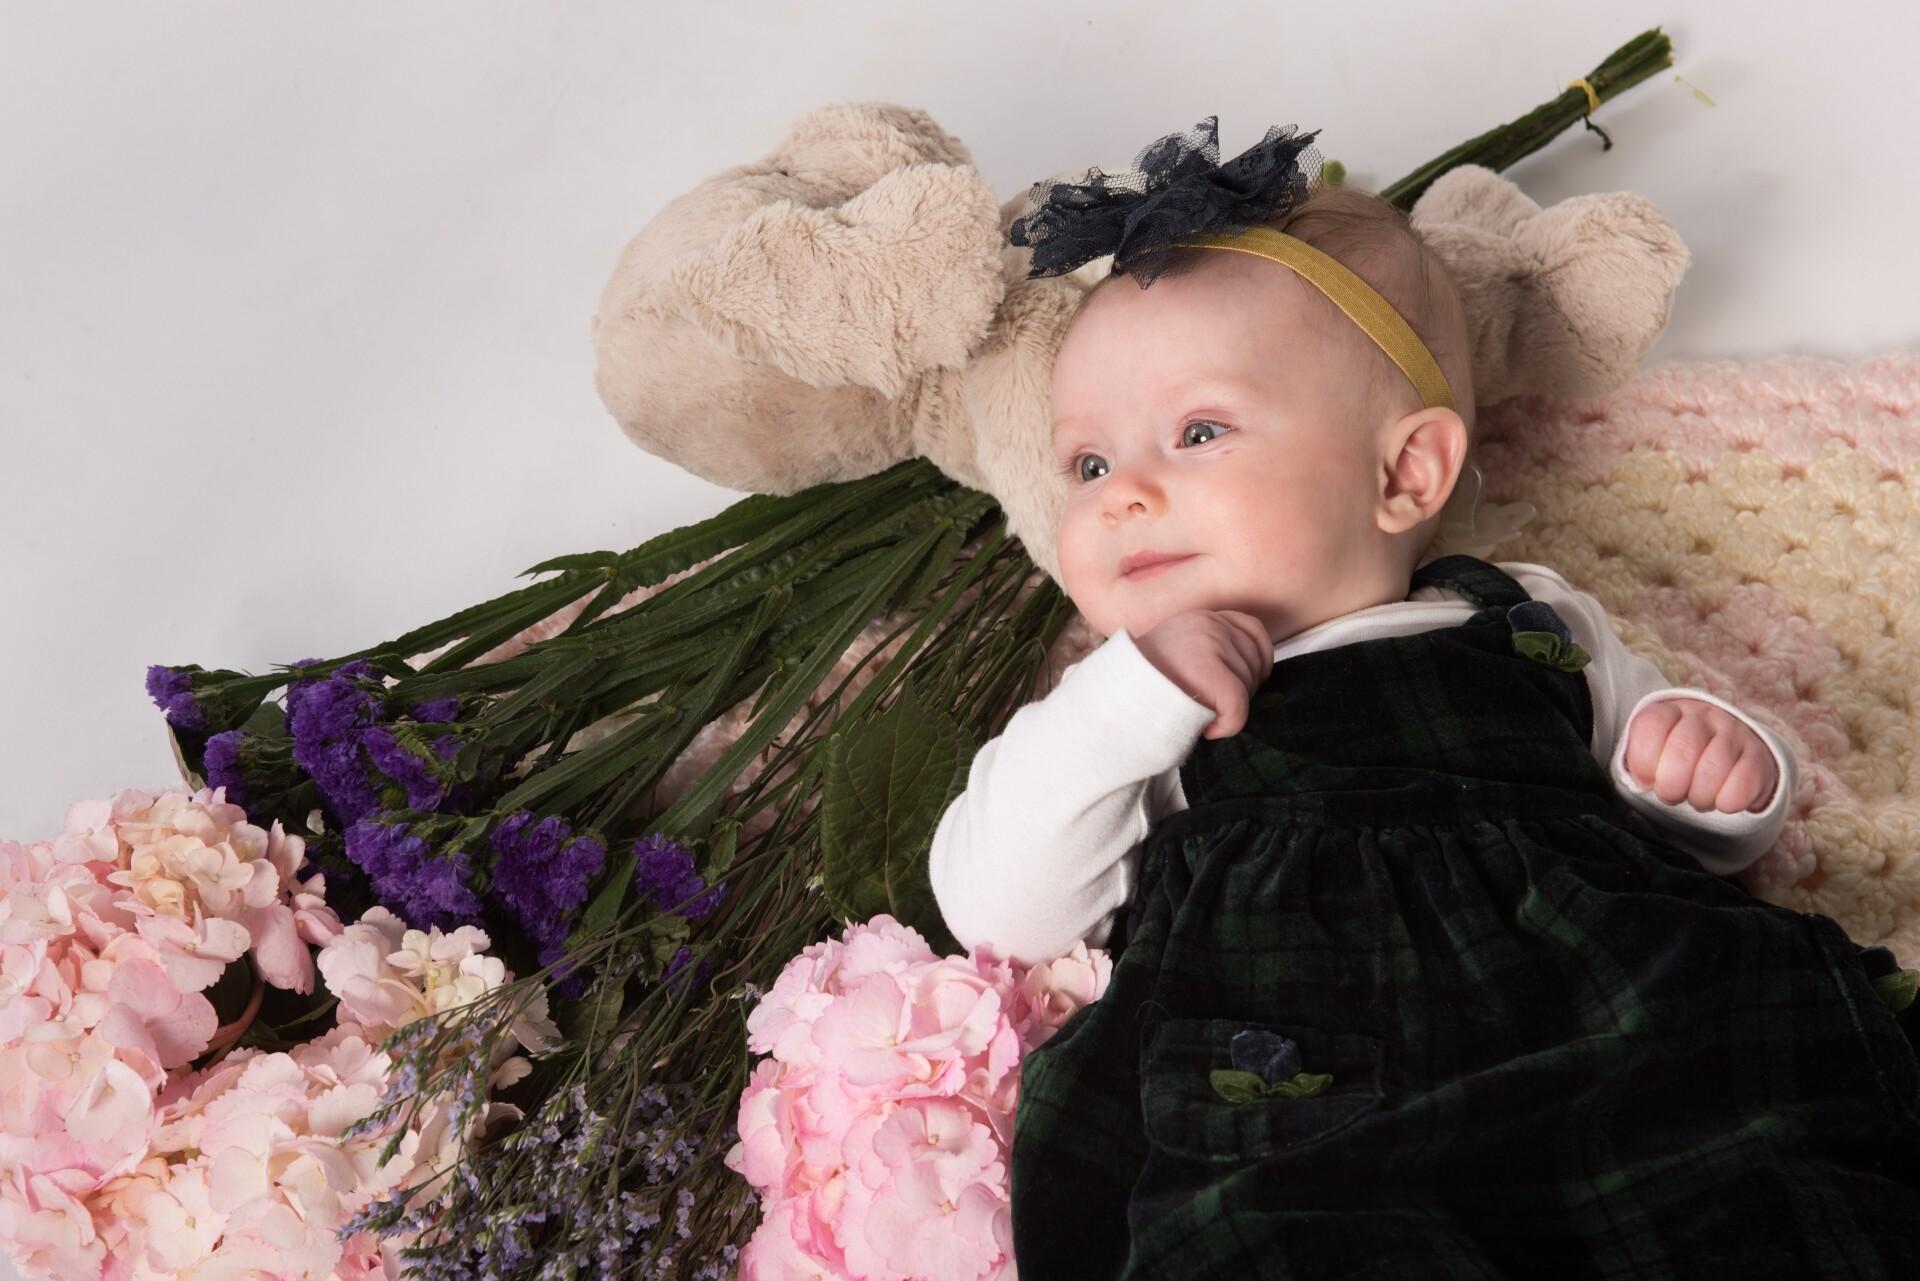 写真館のチラシにのっている赤ちゃん